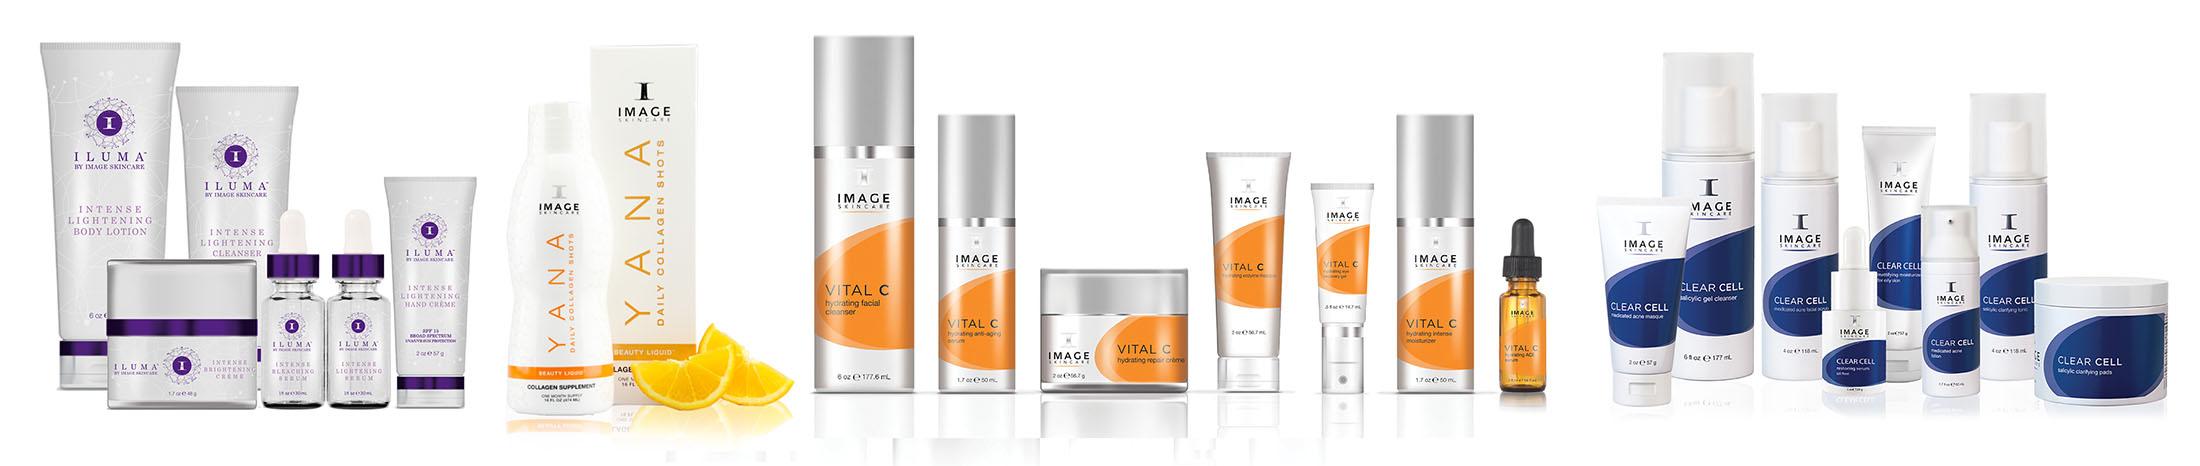 Image Skincare Retailer | Minneapolis MN